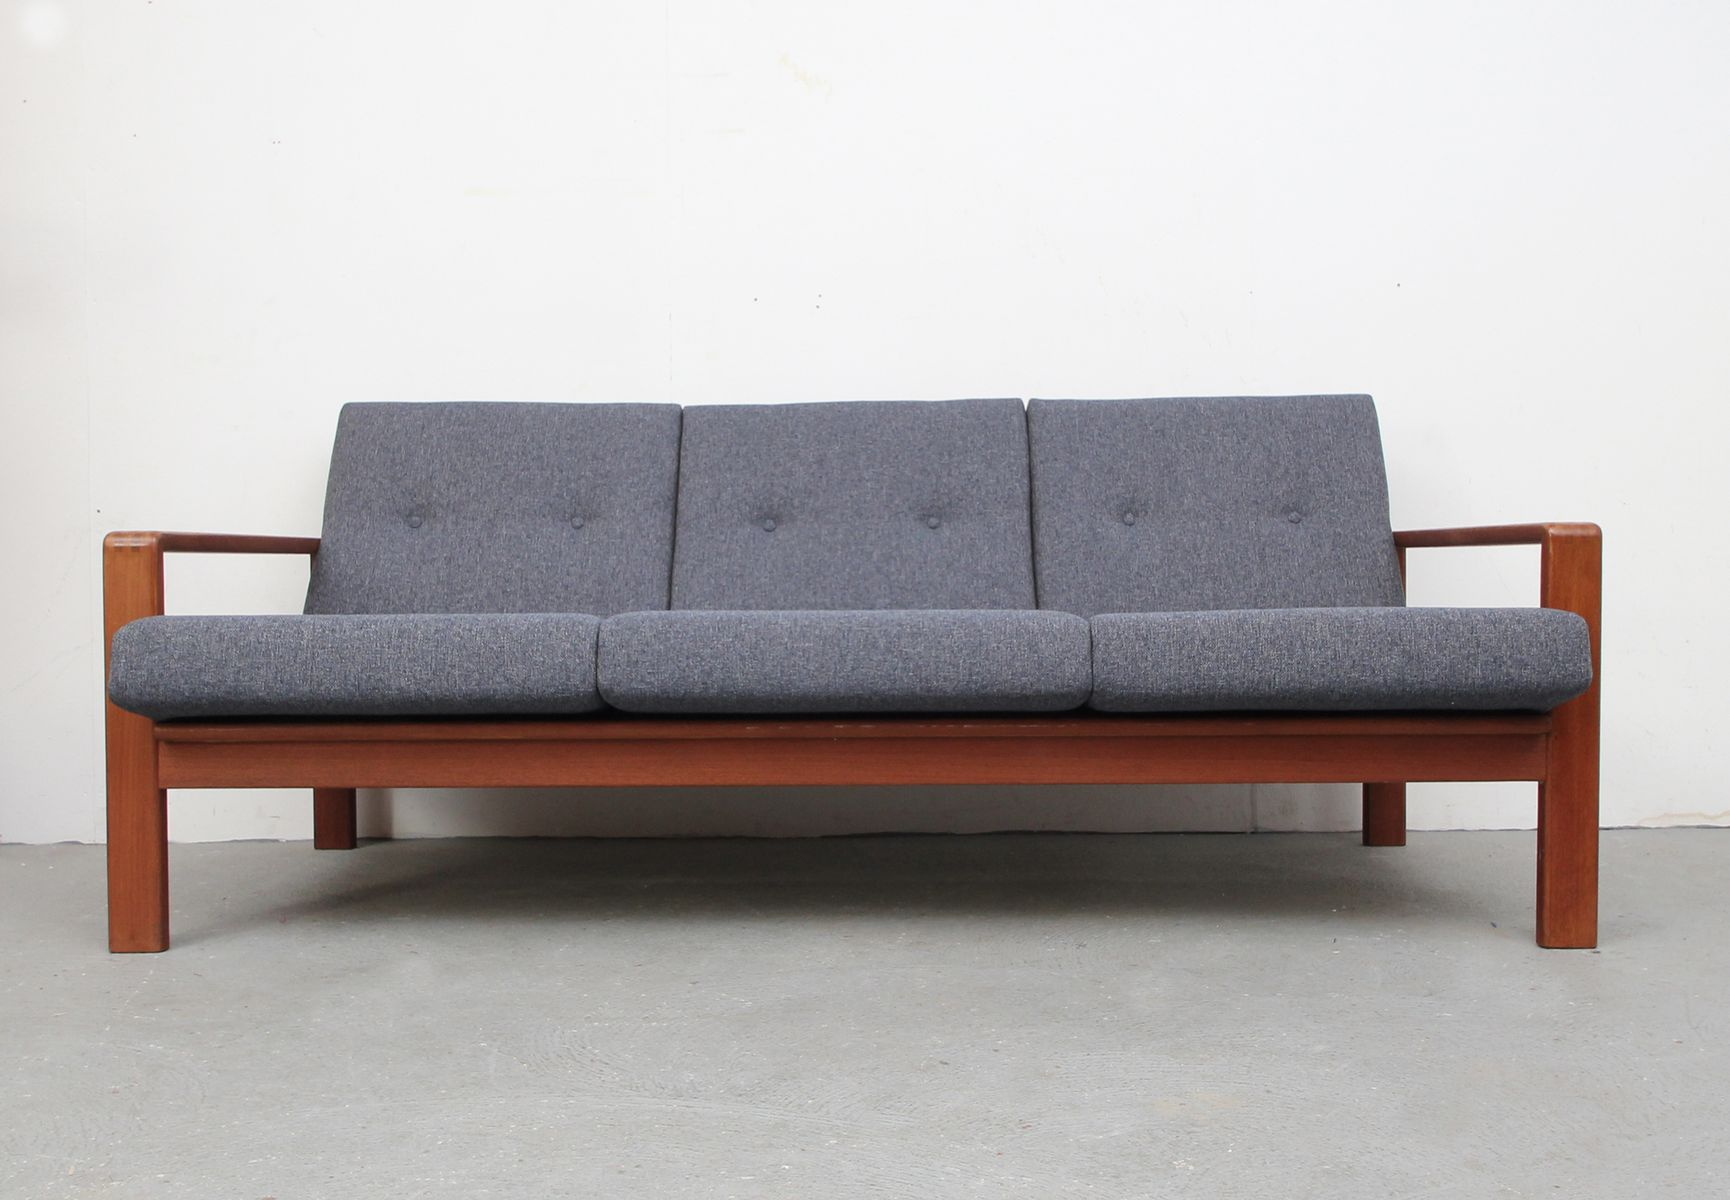 d nisches 3 sitzer sofa von komfort 1960er bei pamono kaufen. Black Bedroom Furniture Sets. Home Design Ideas